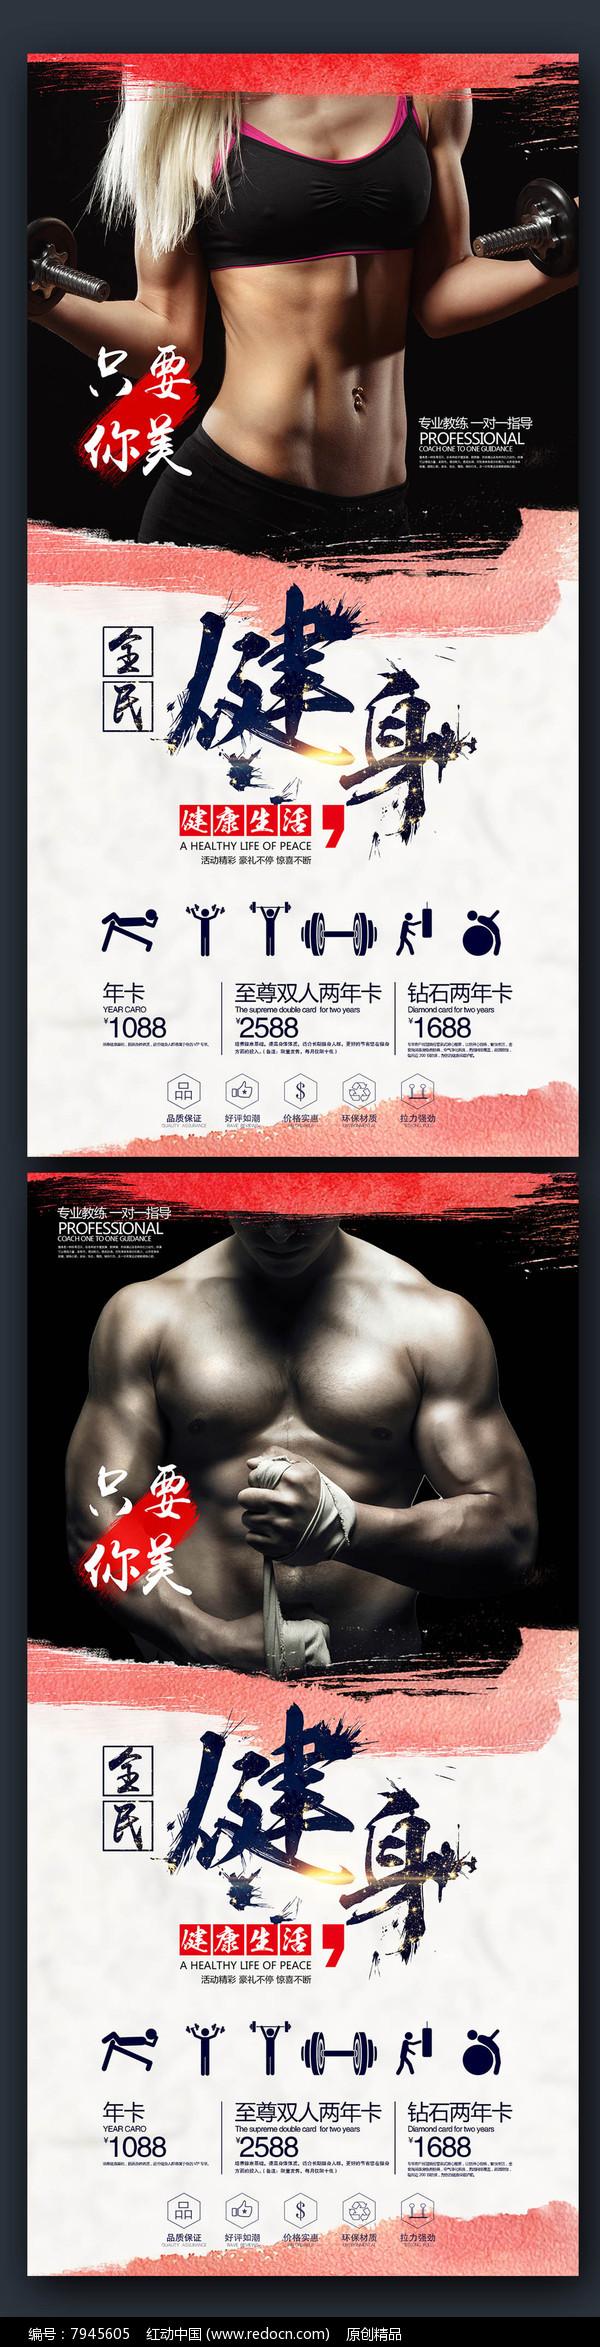 大气创意酷黑时尚健身海报模板图片